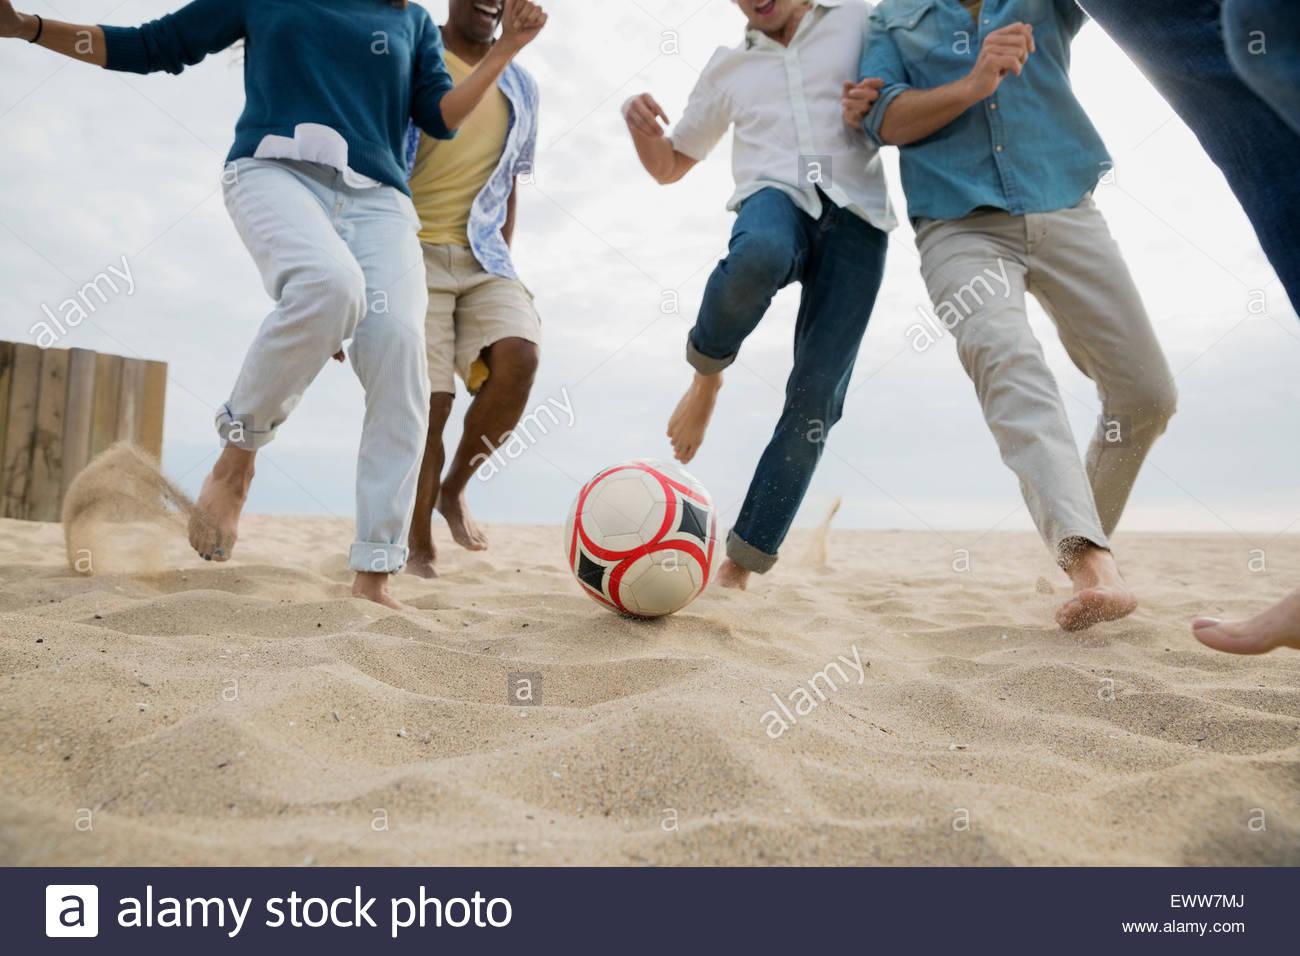 Les amis à jouer au soccer on beach Photo Stock